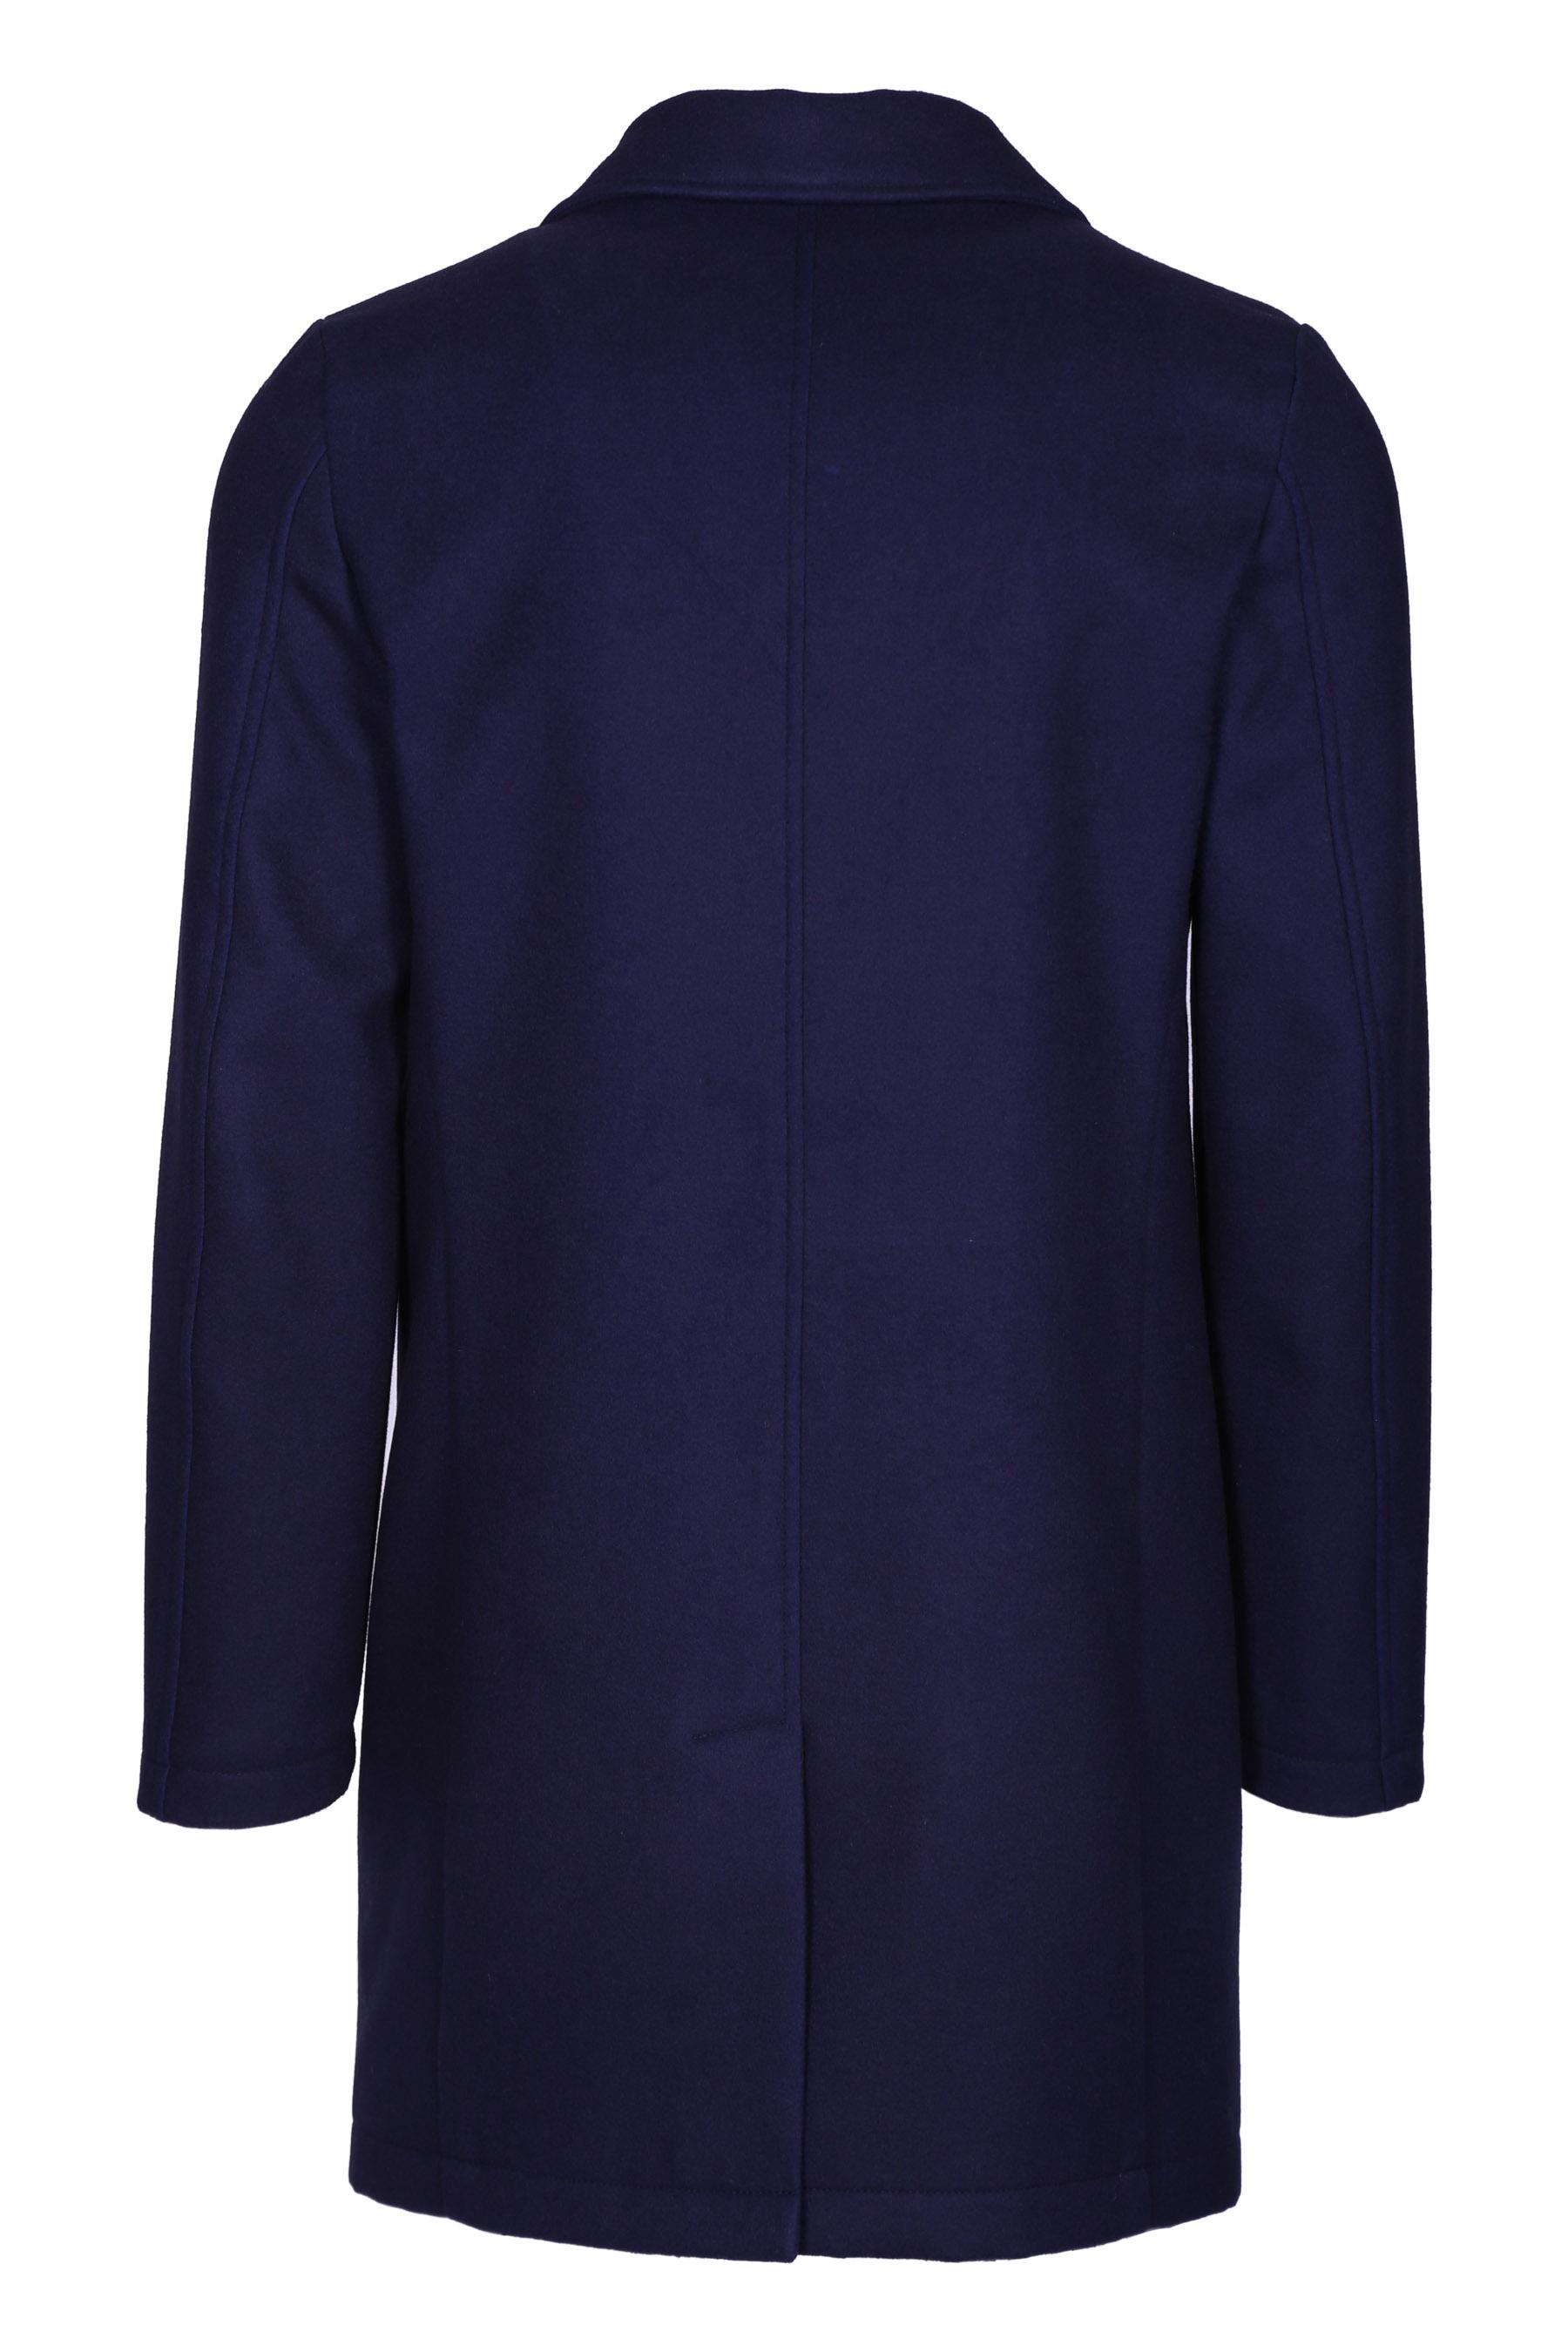 Three-button coat DANIELE ALESSANDRINI | Coat | T444M511390623